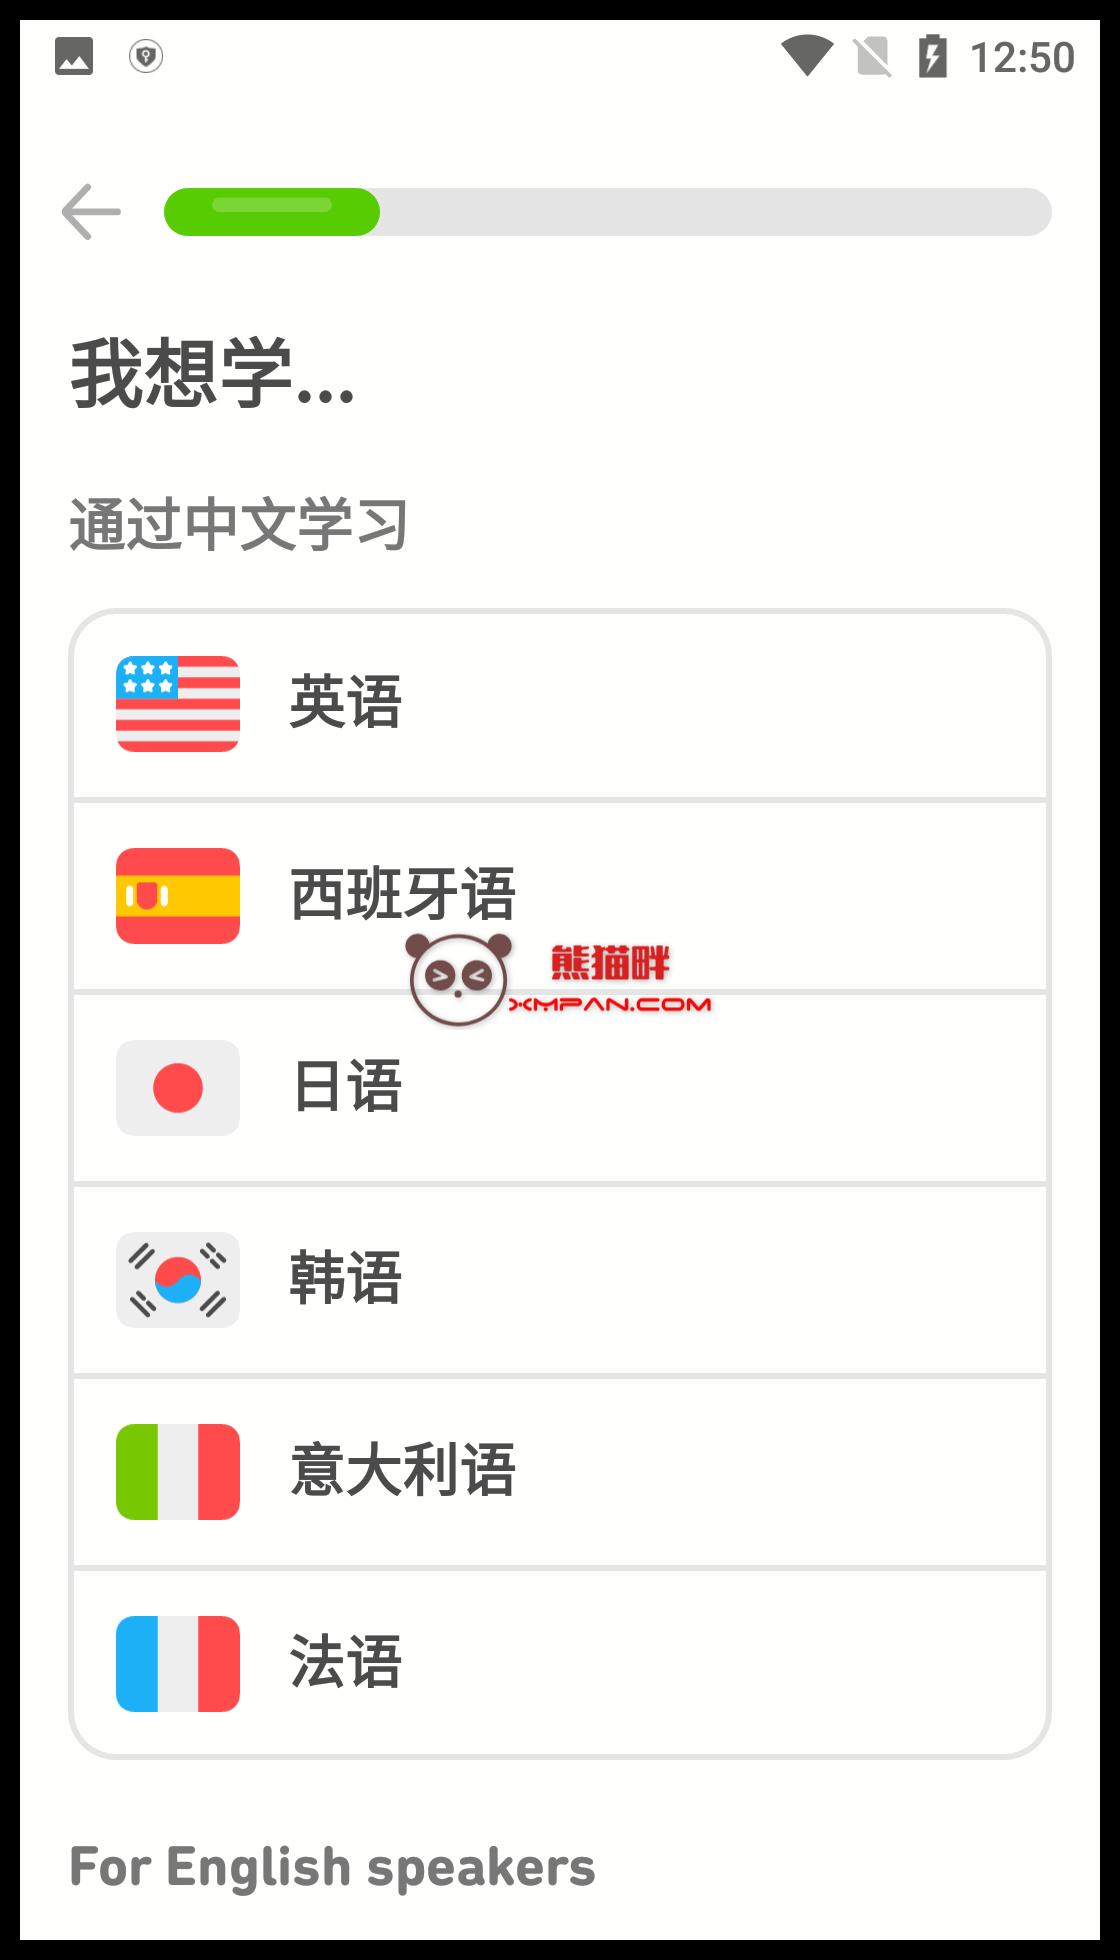 Android 多邻国-多国外语学习工具Duolingo v5.32.1 解锁高级版